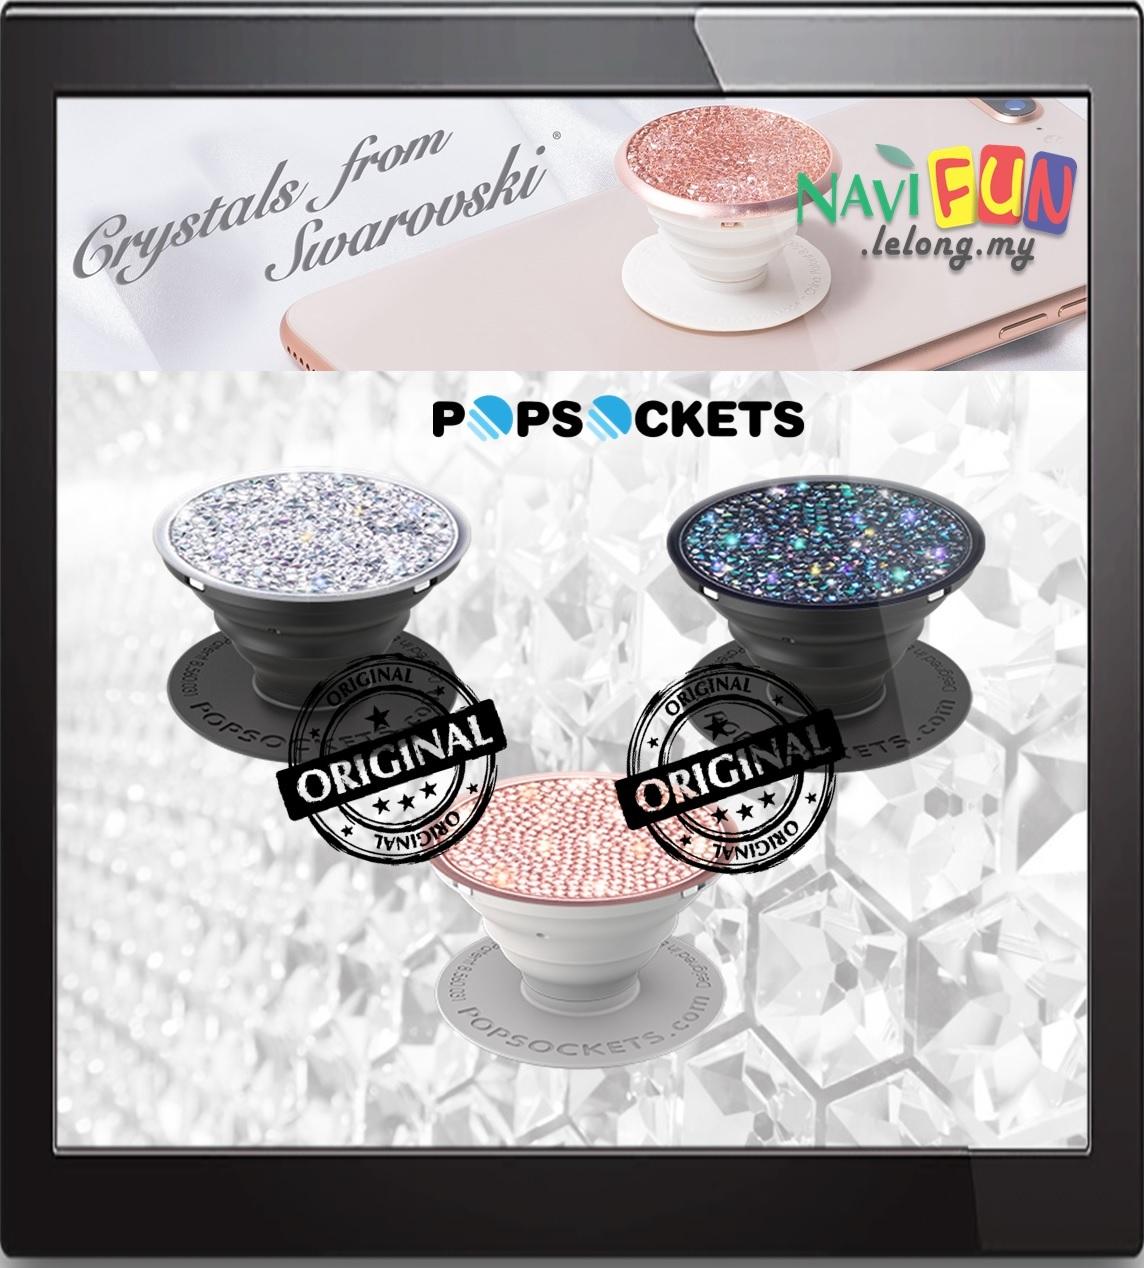 PopsocketsSwarovski.jpg